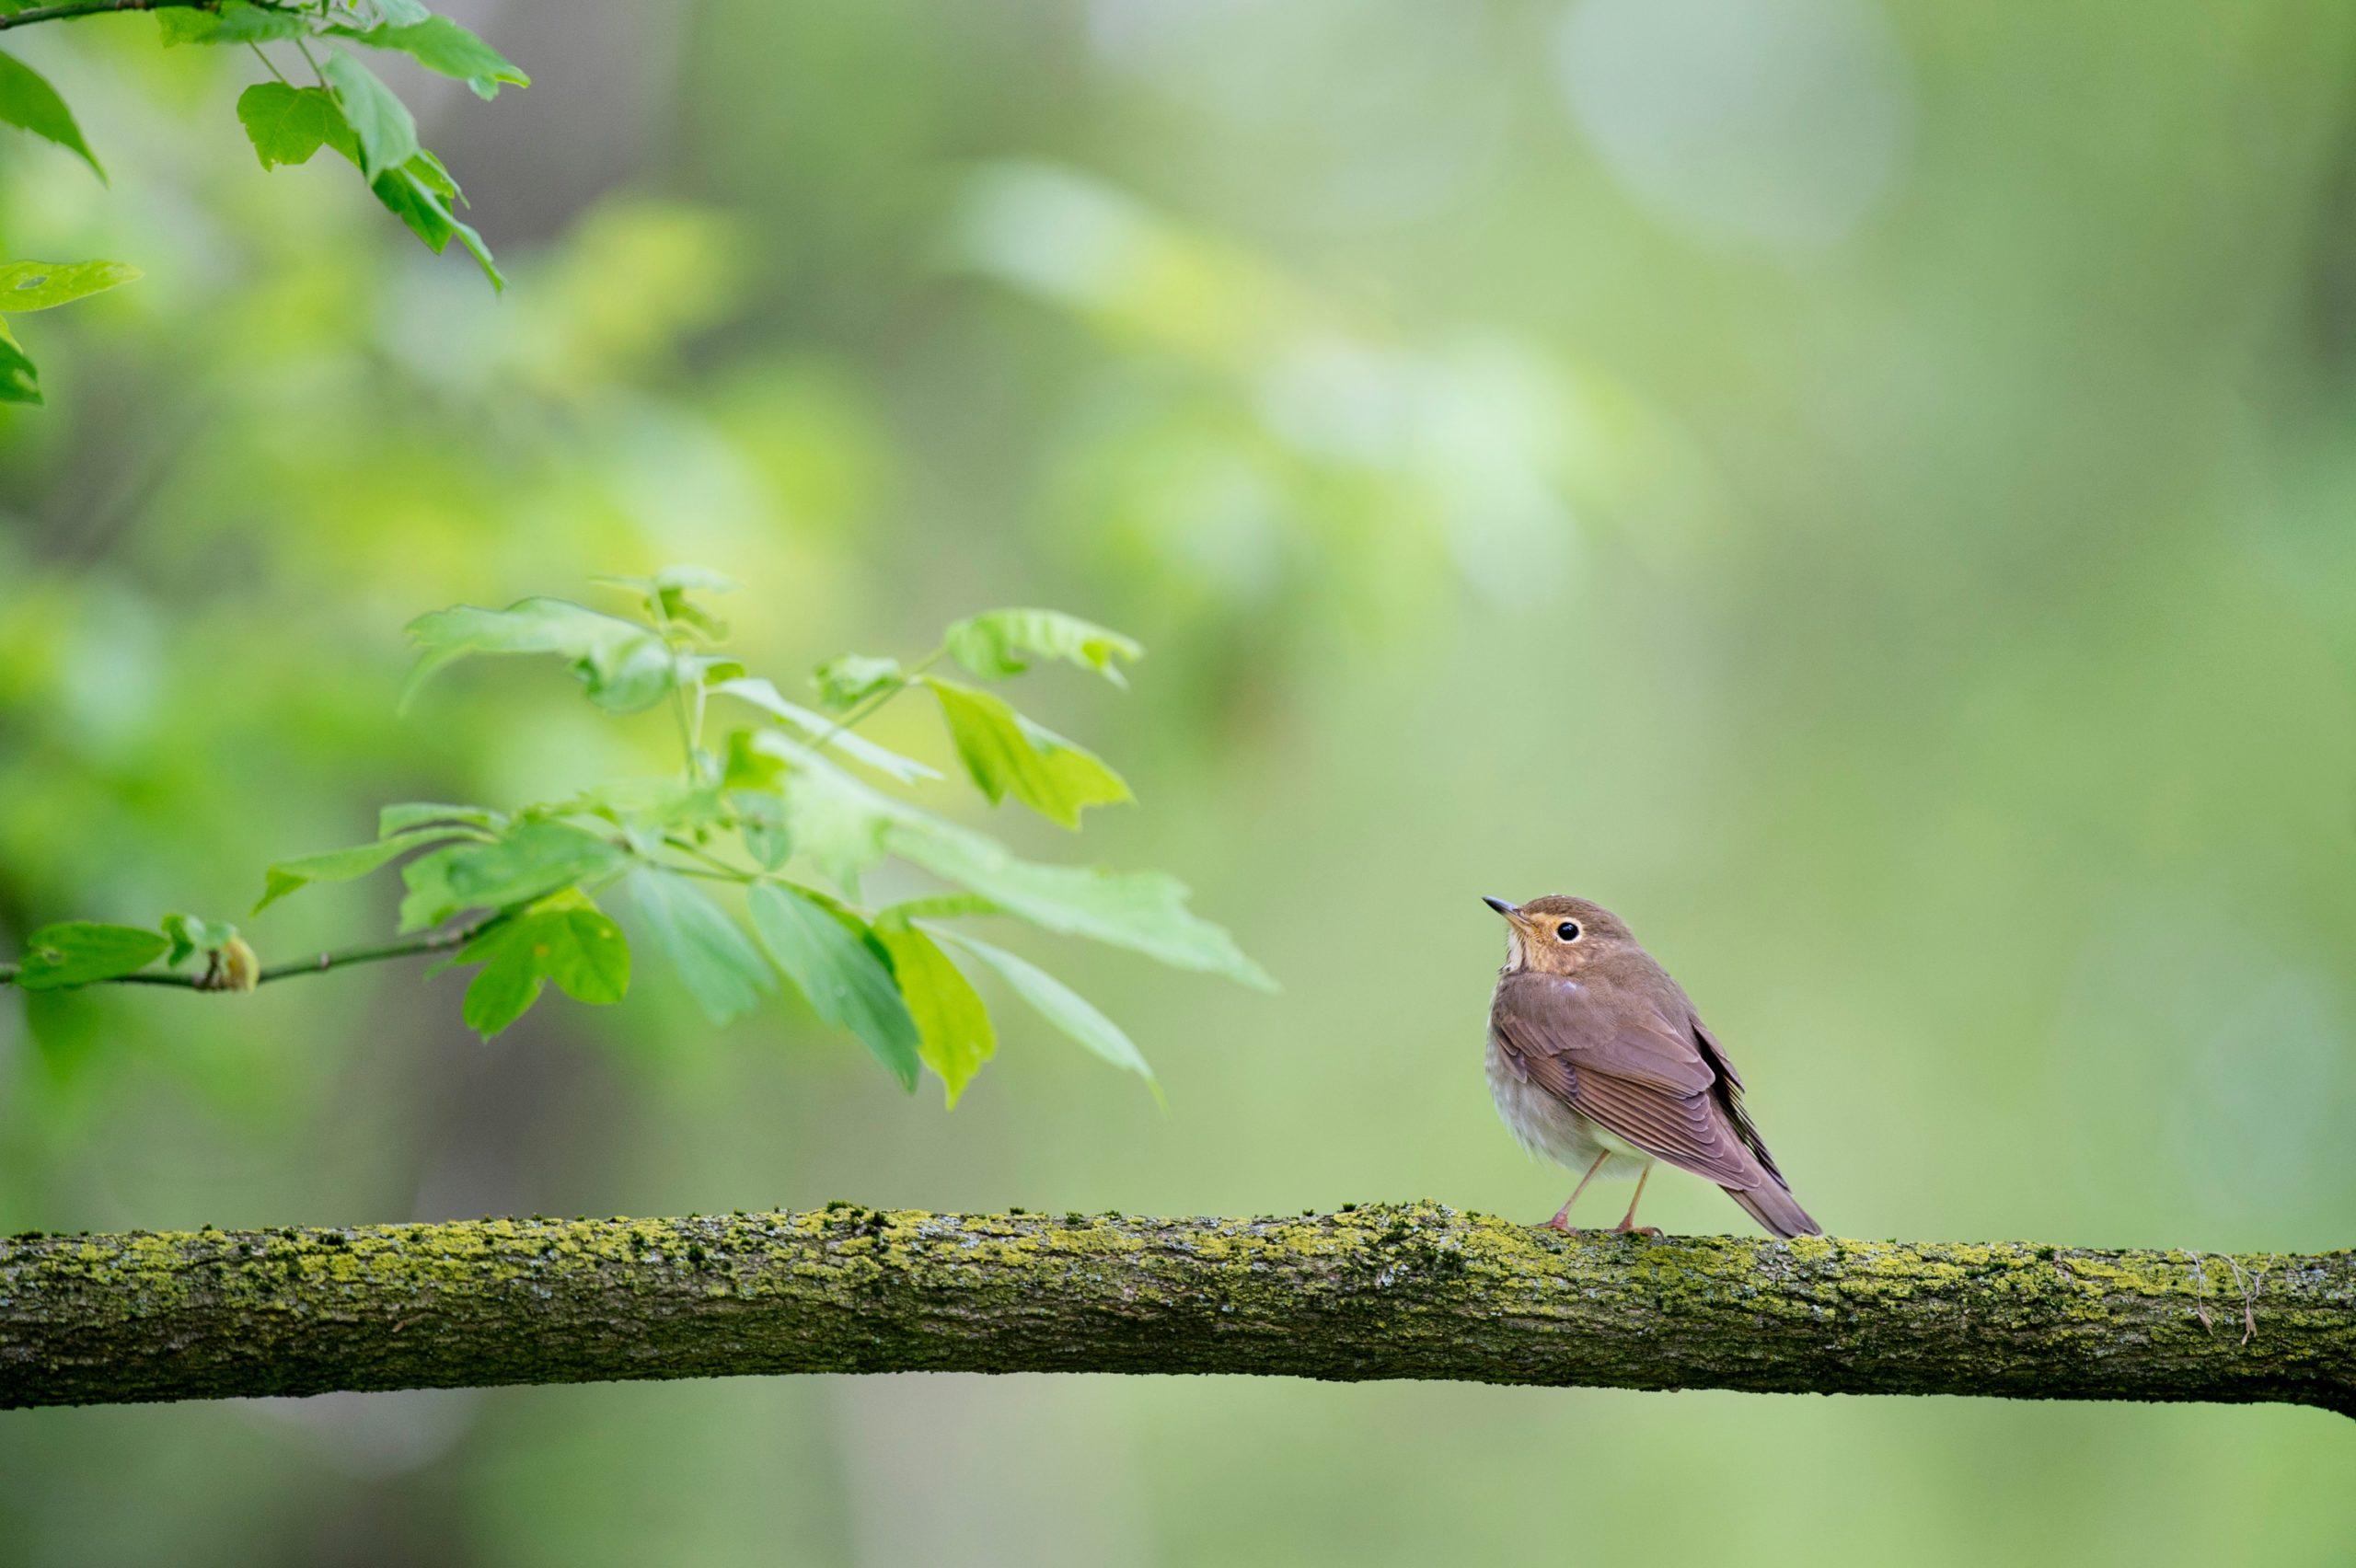 Dalda bir kuş resmi